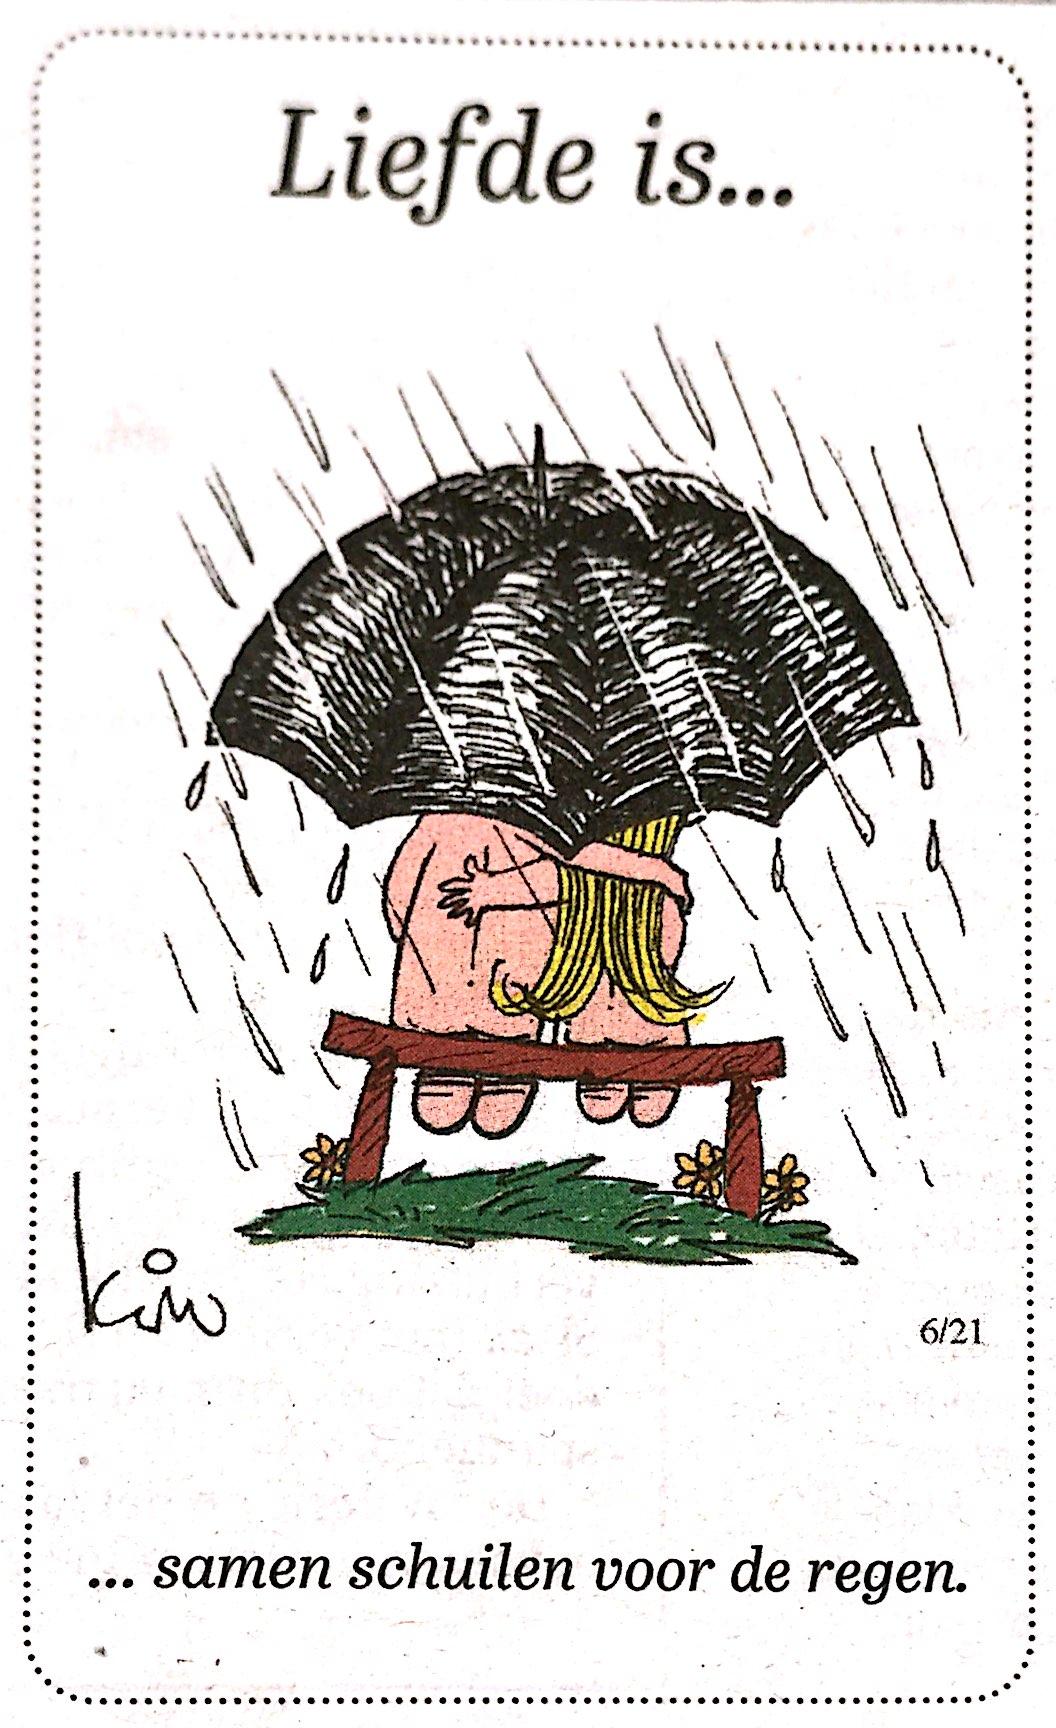 Afbeeldingsresultaat voor humor slecht weer